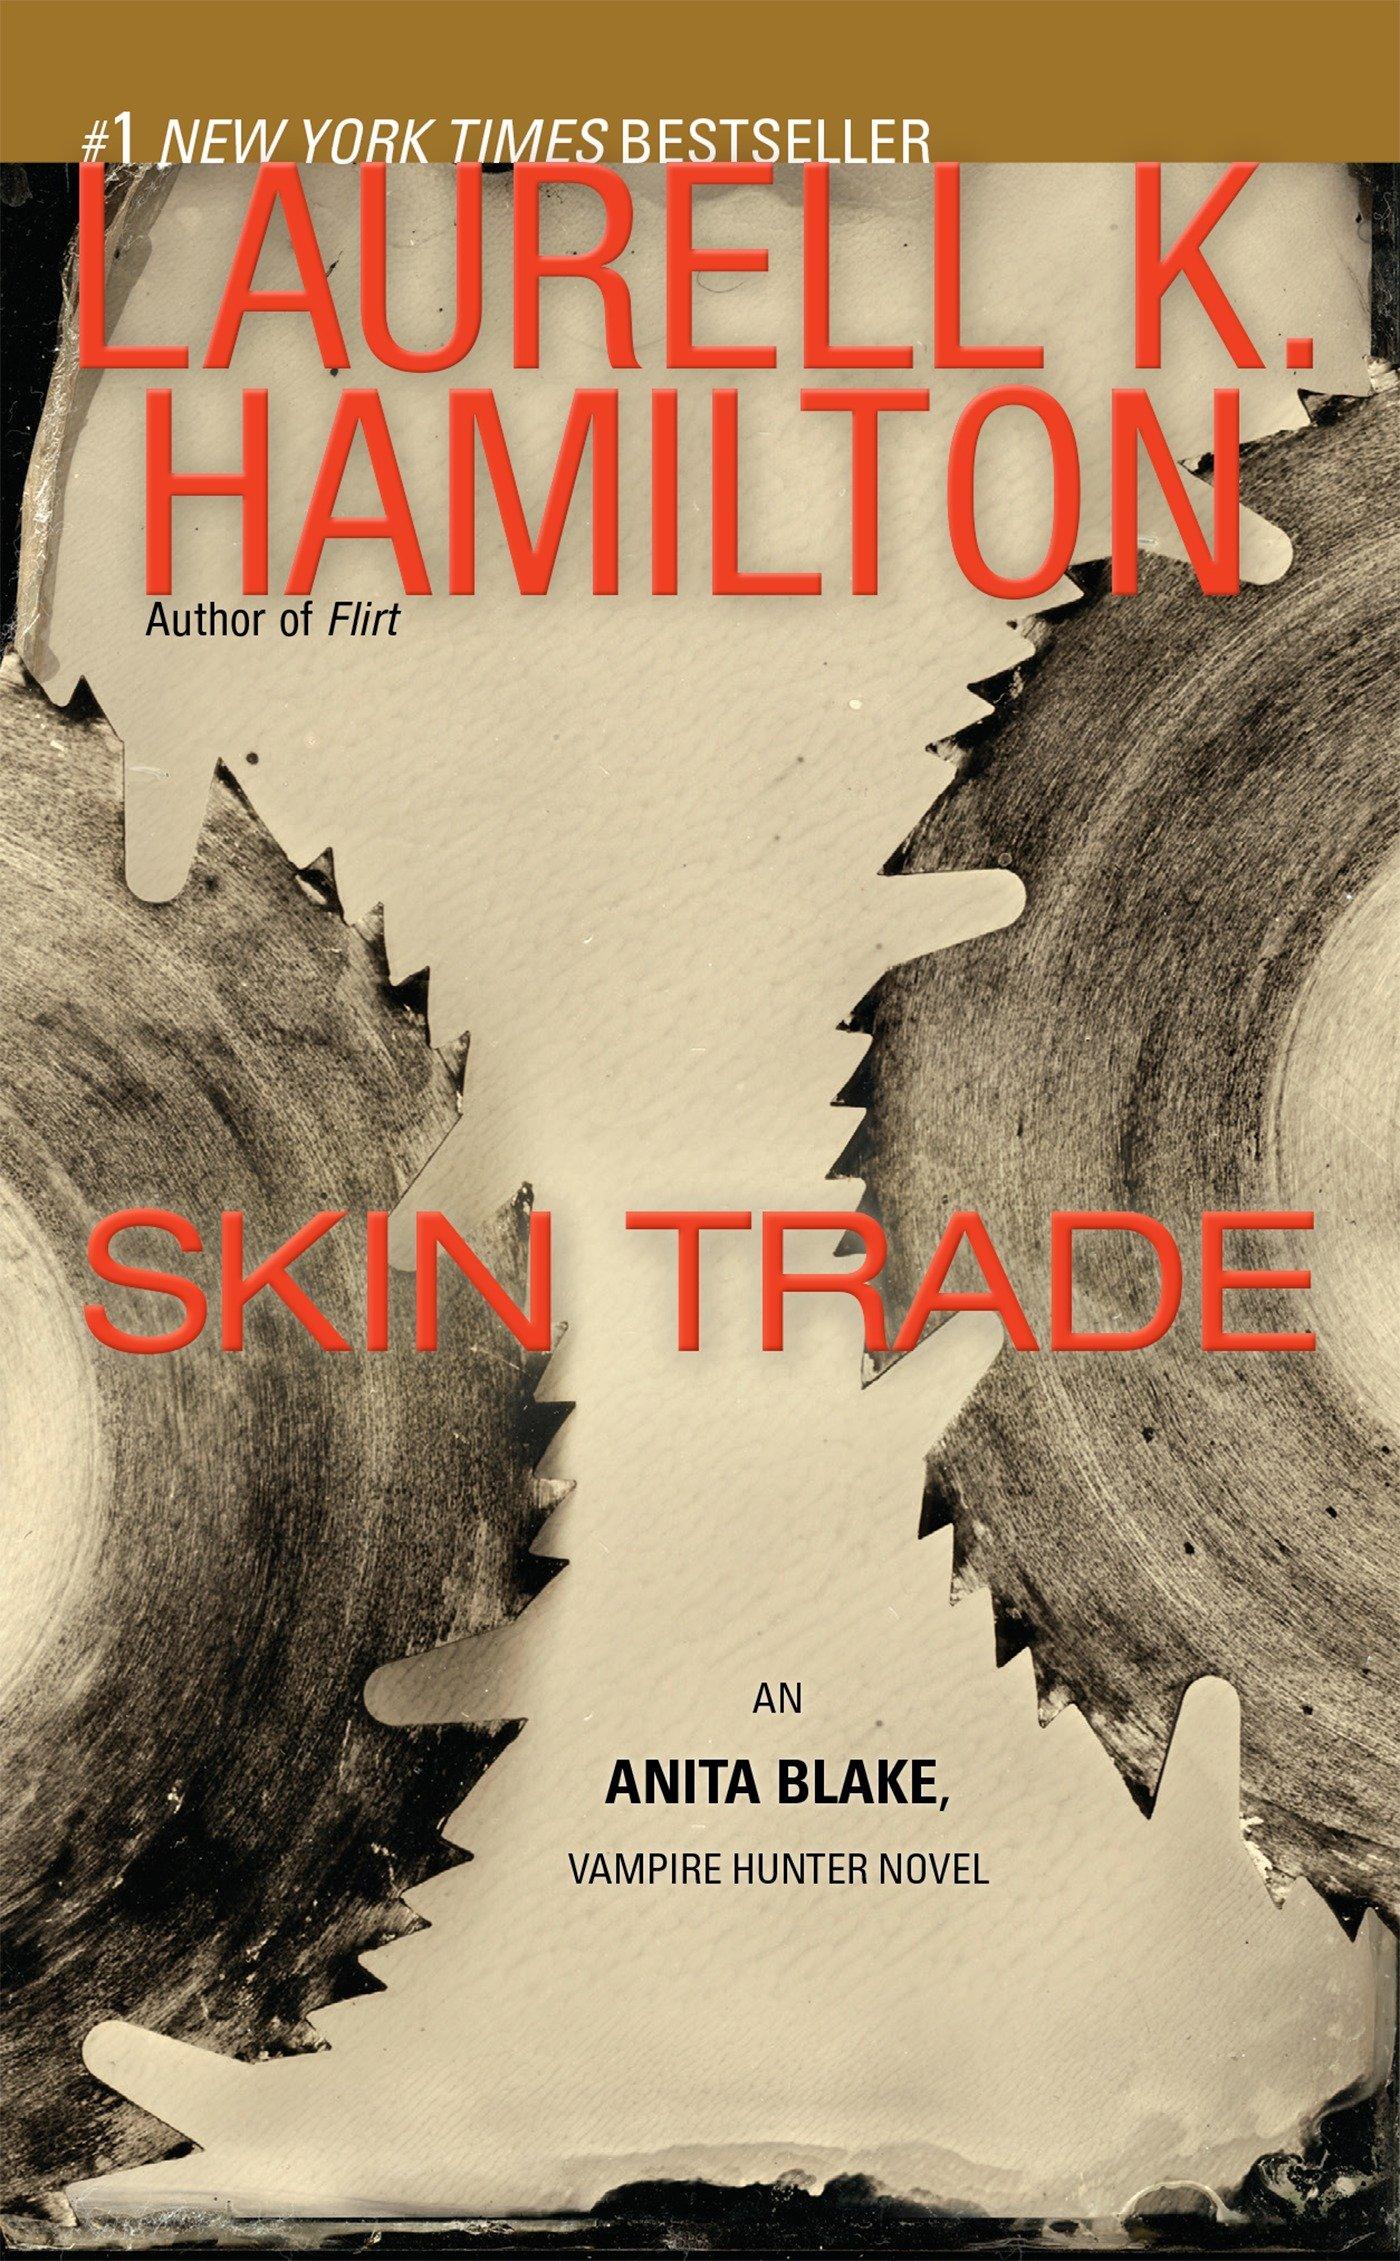 Skin tradel cover image